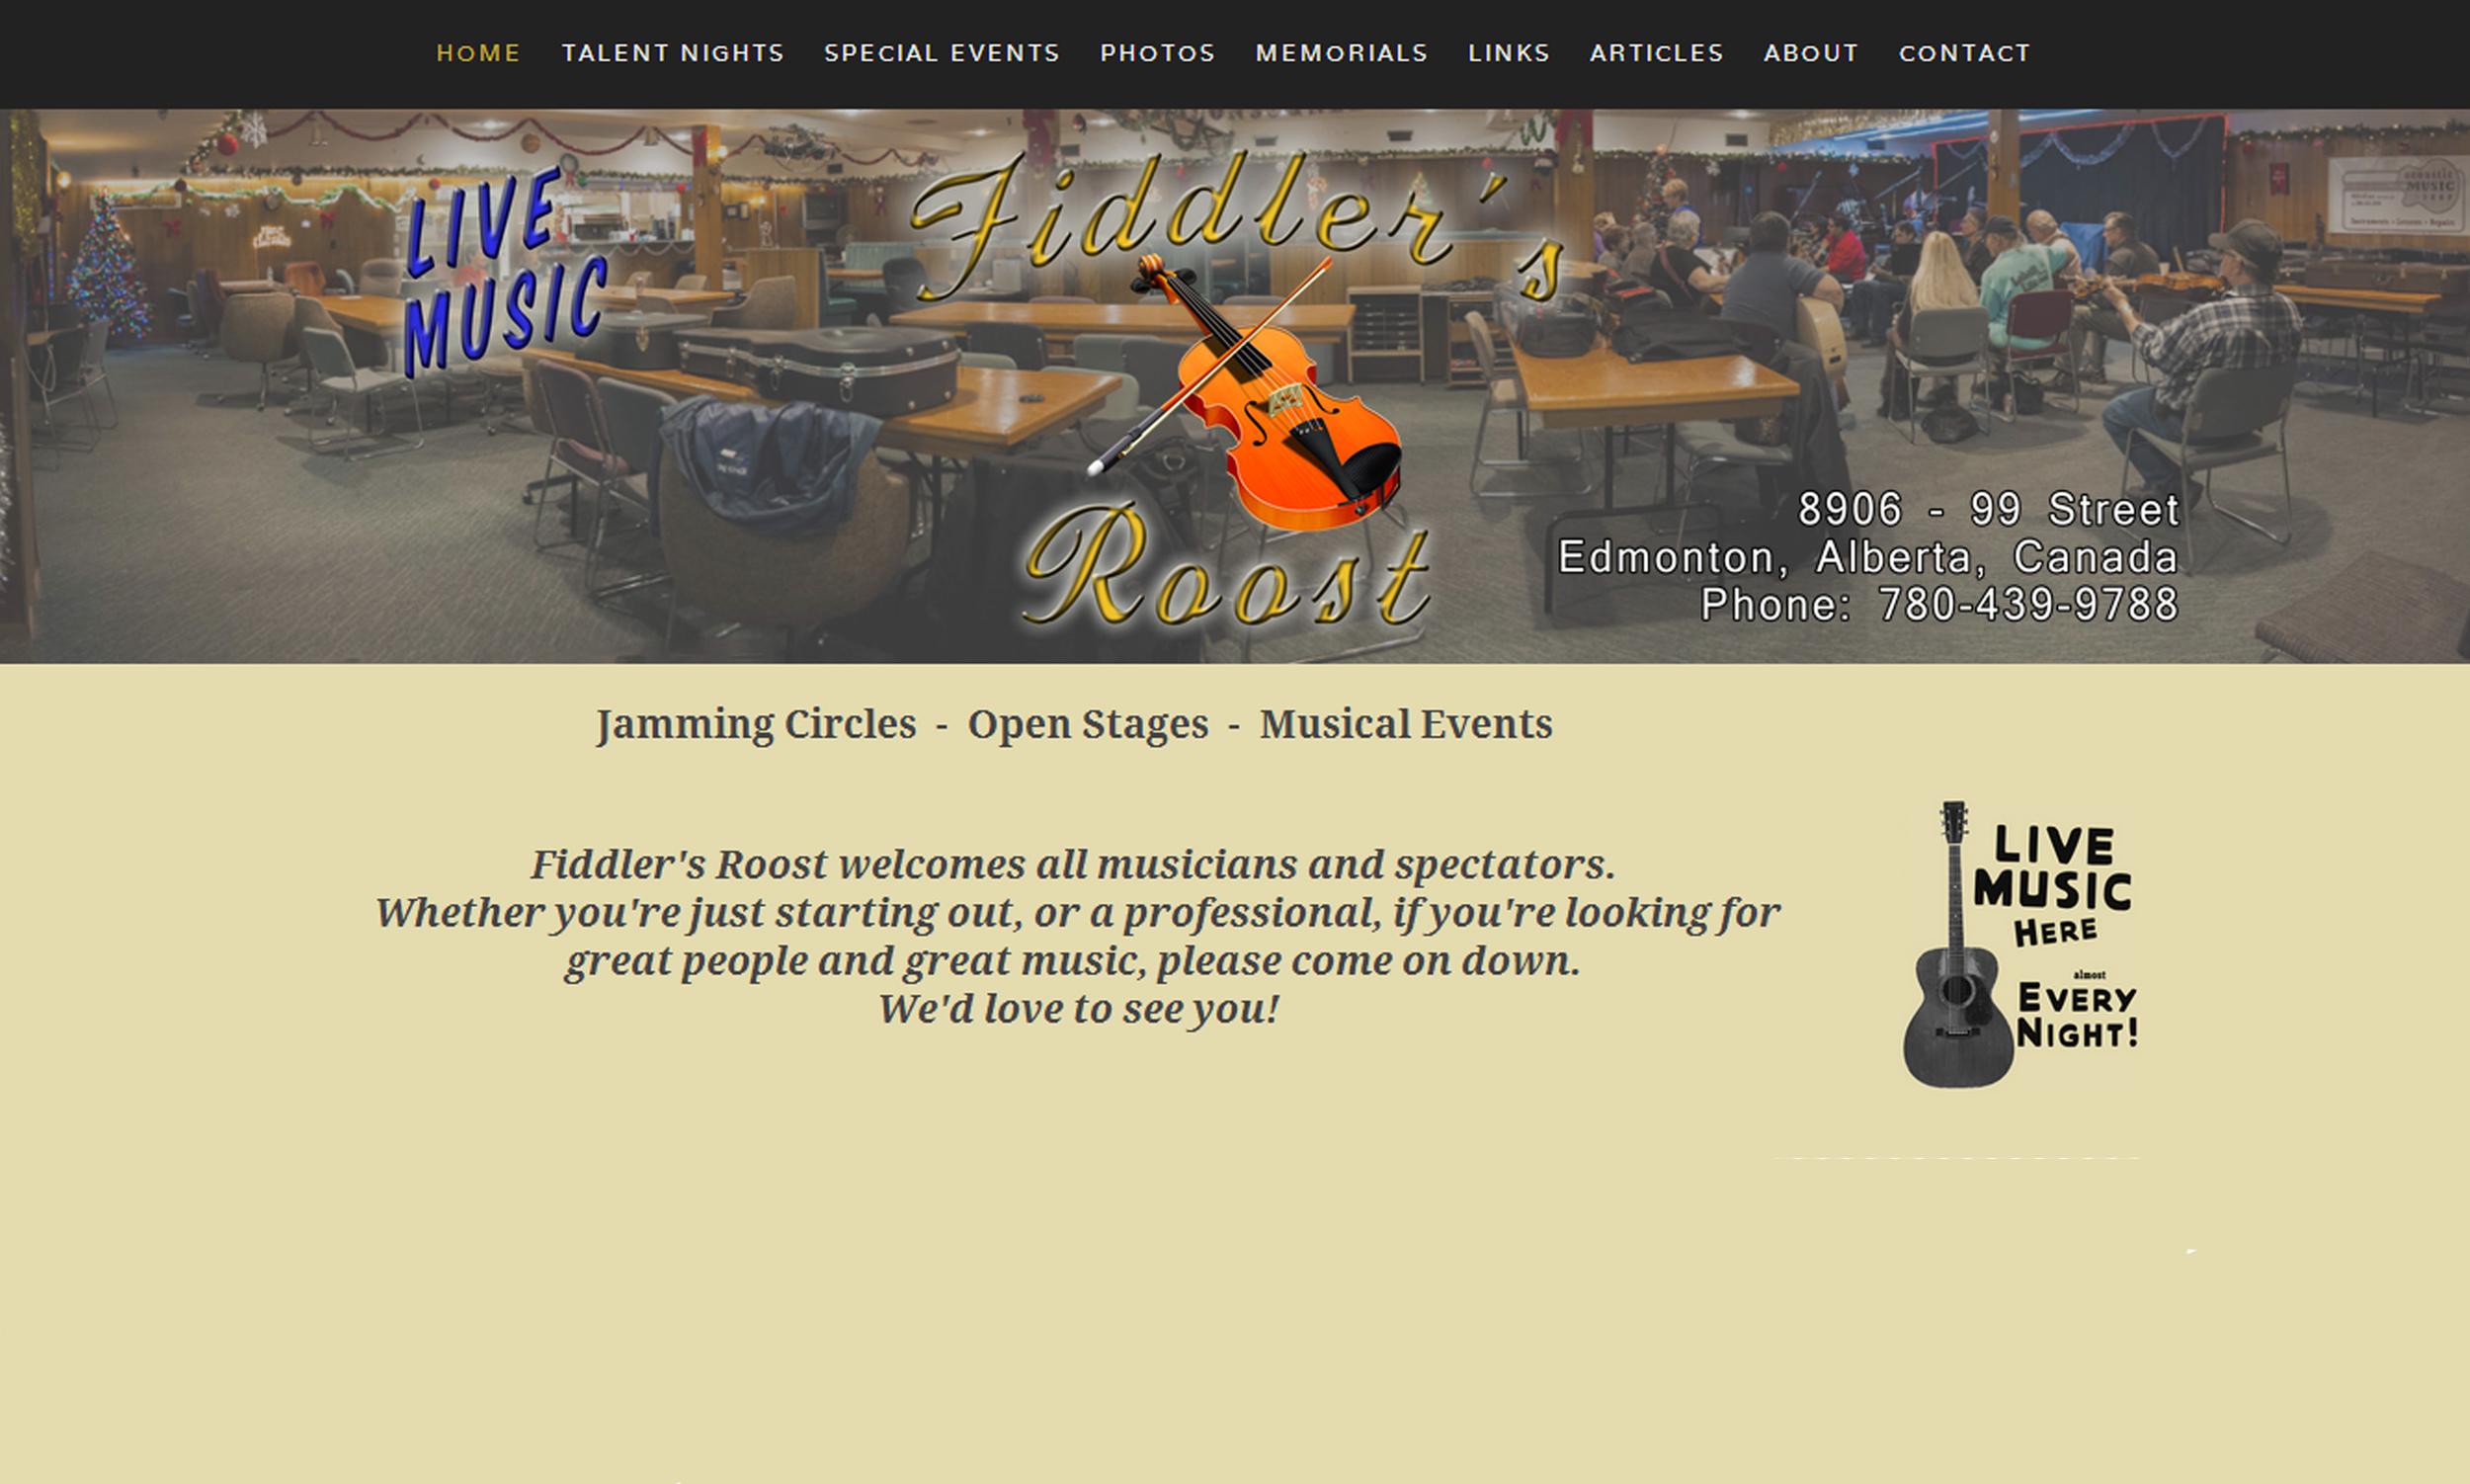 Fiddler's Roost